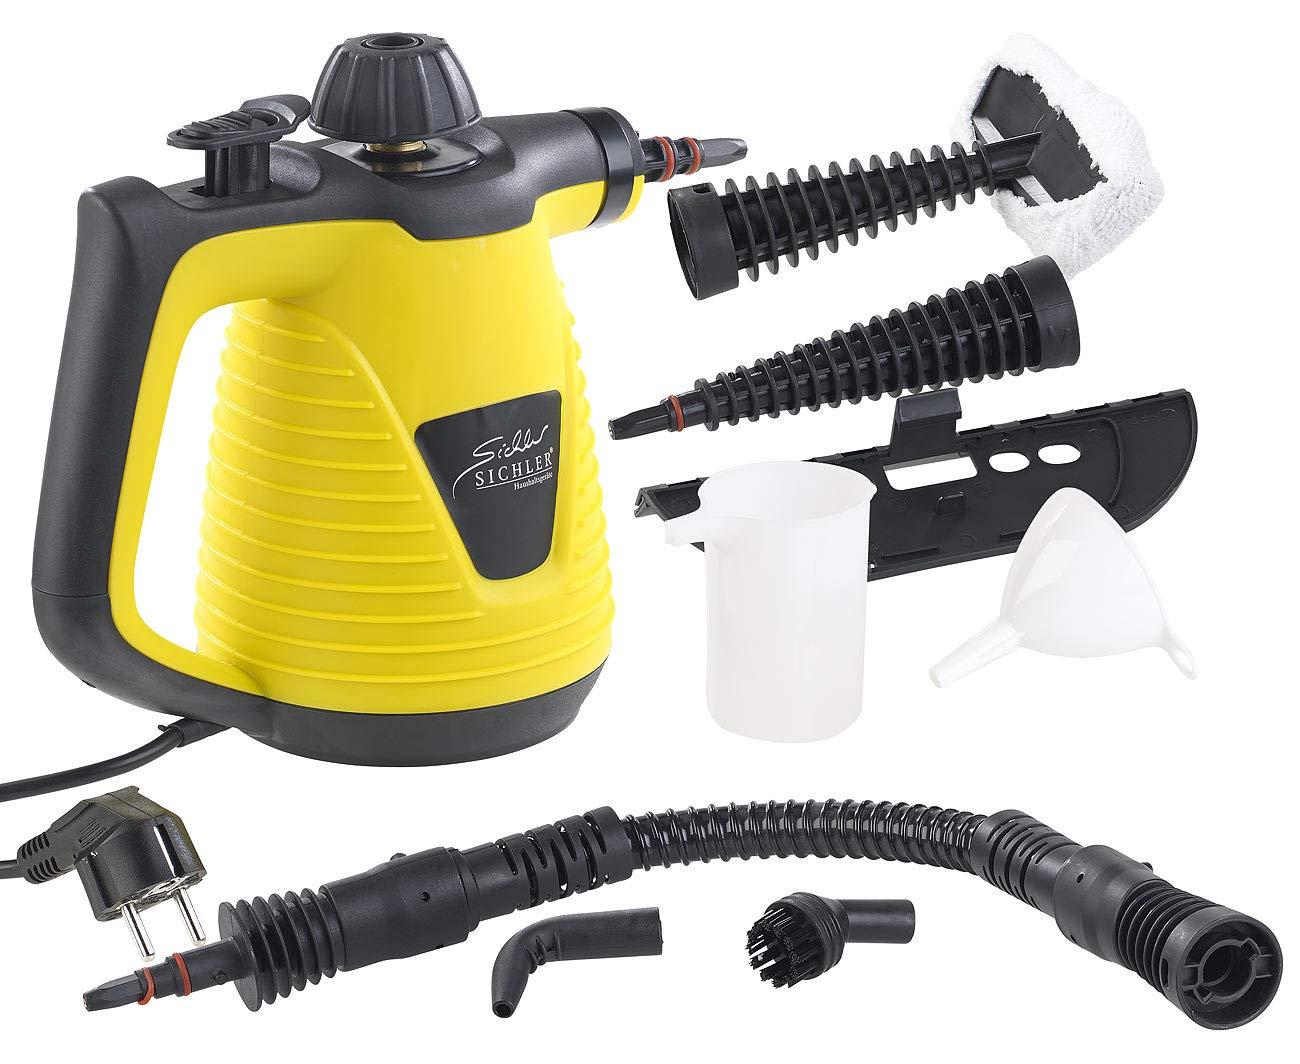 sichler Elettrodomestici mano pulitore a vapore: Pulitore a vapore portatile con ampio pacchetto accessori, 1.000W (dampfente) Sichler Haushaltsgeräte